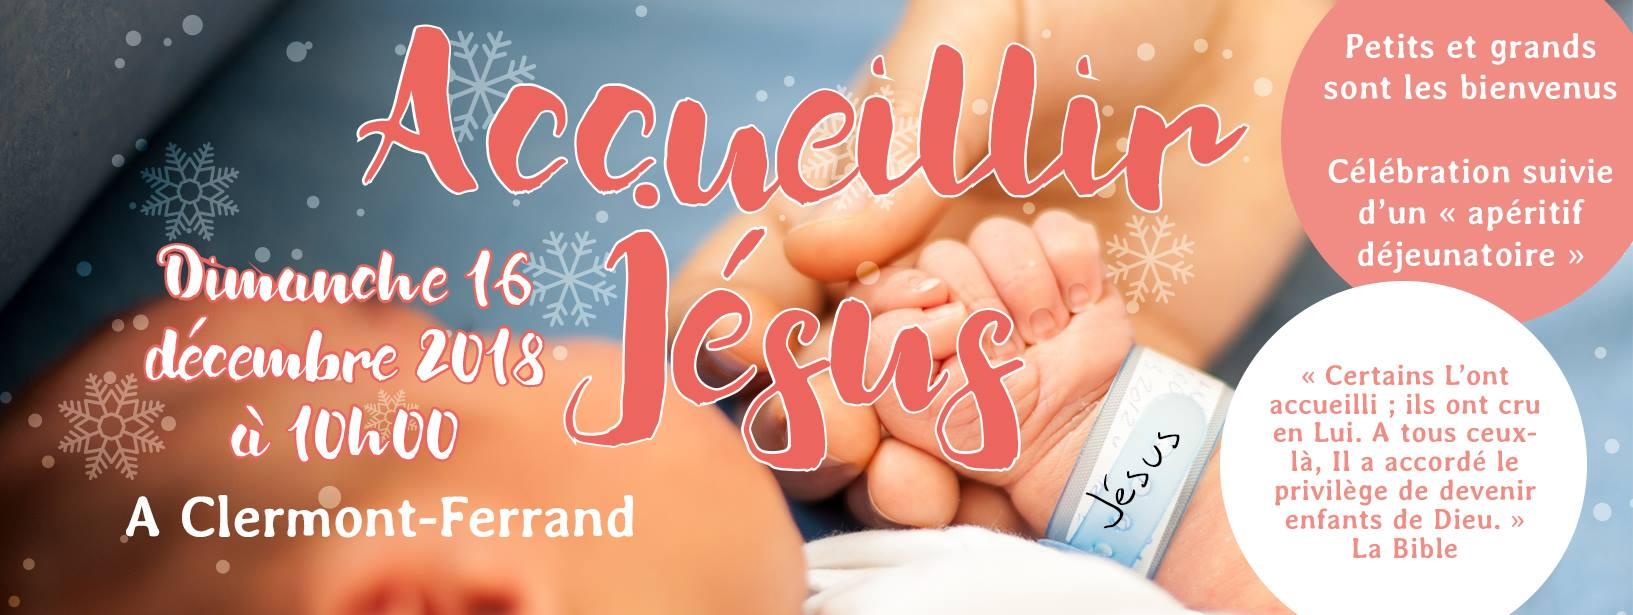 Accueillir Jésus